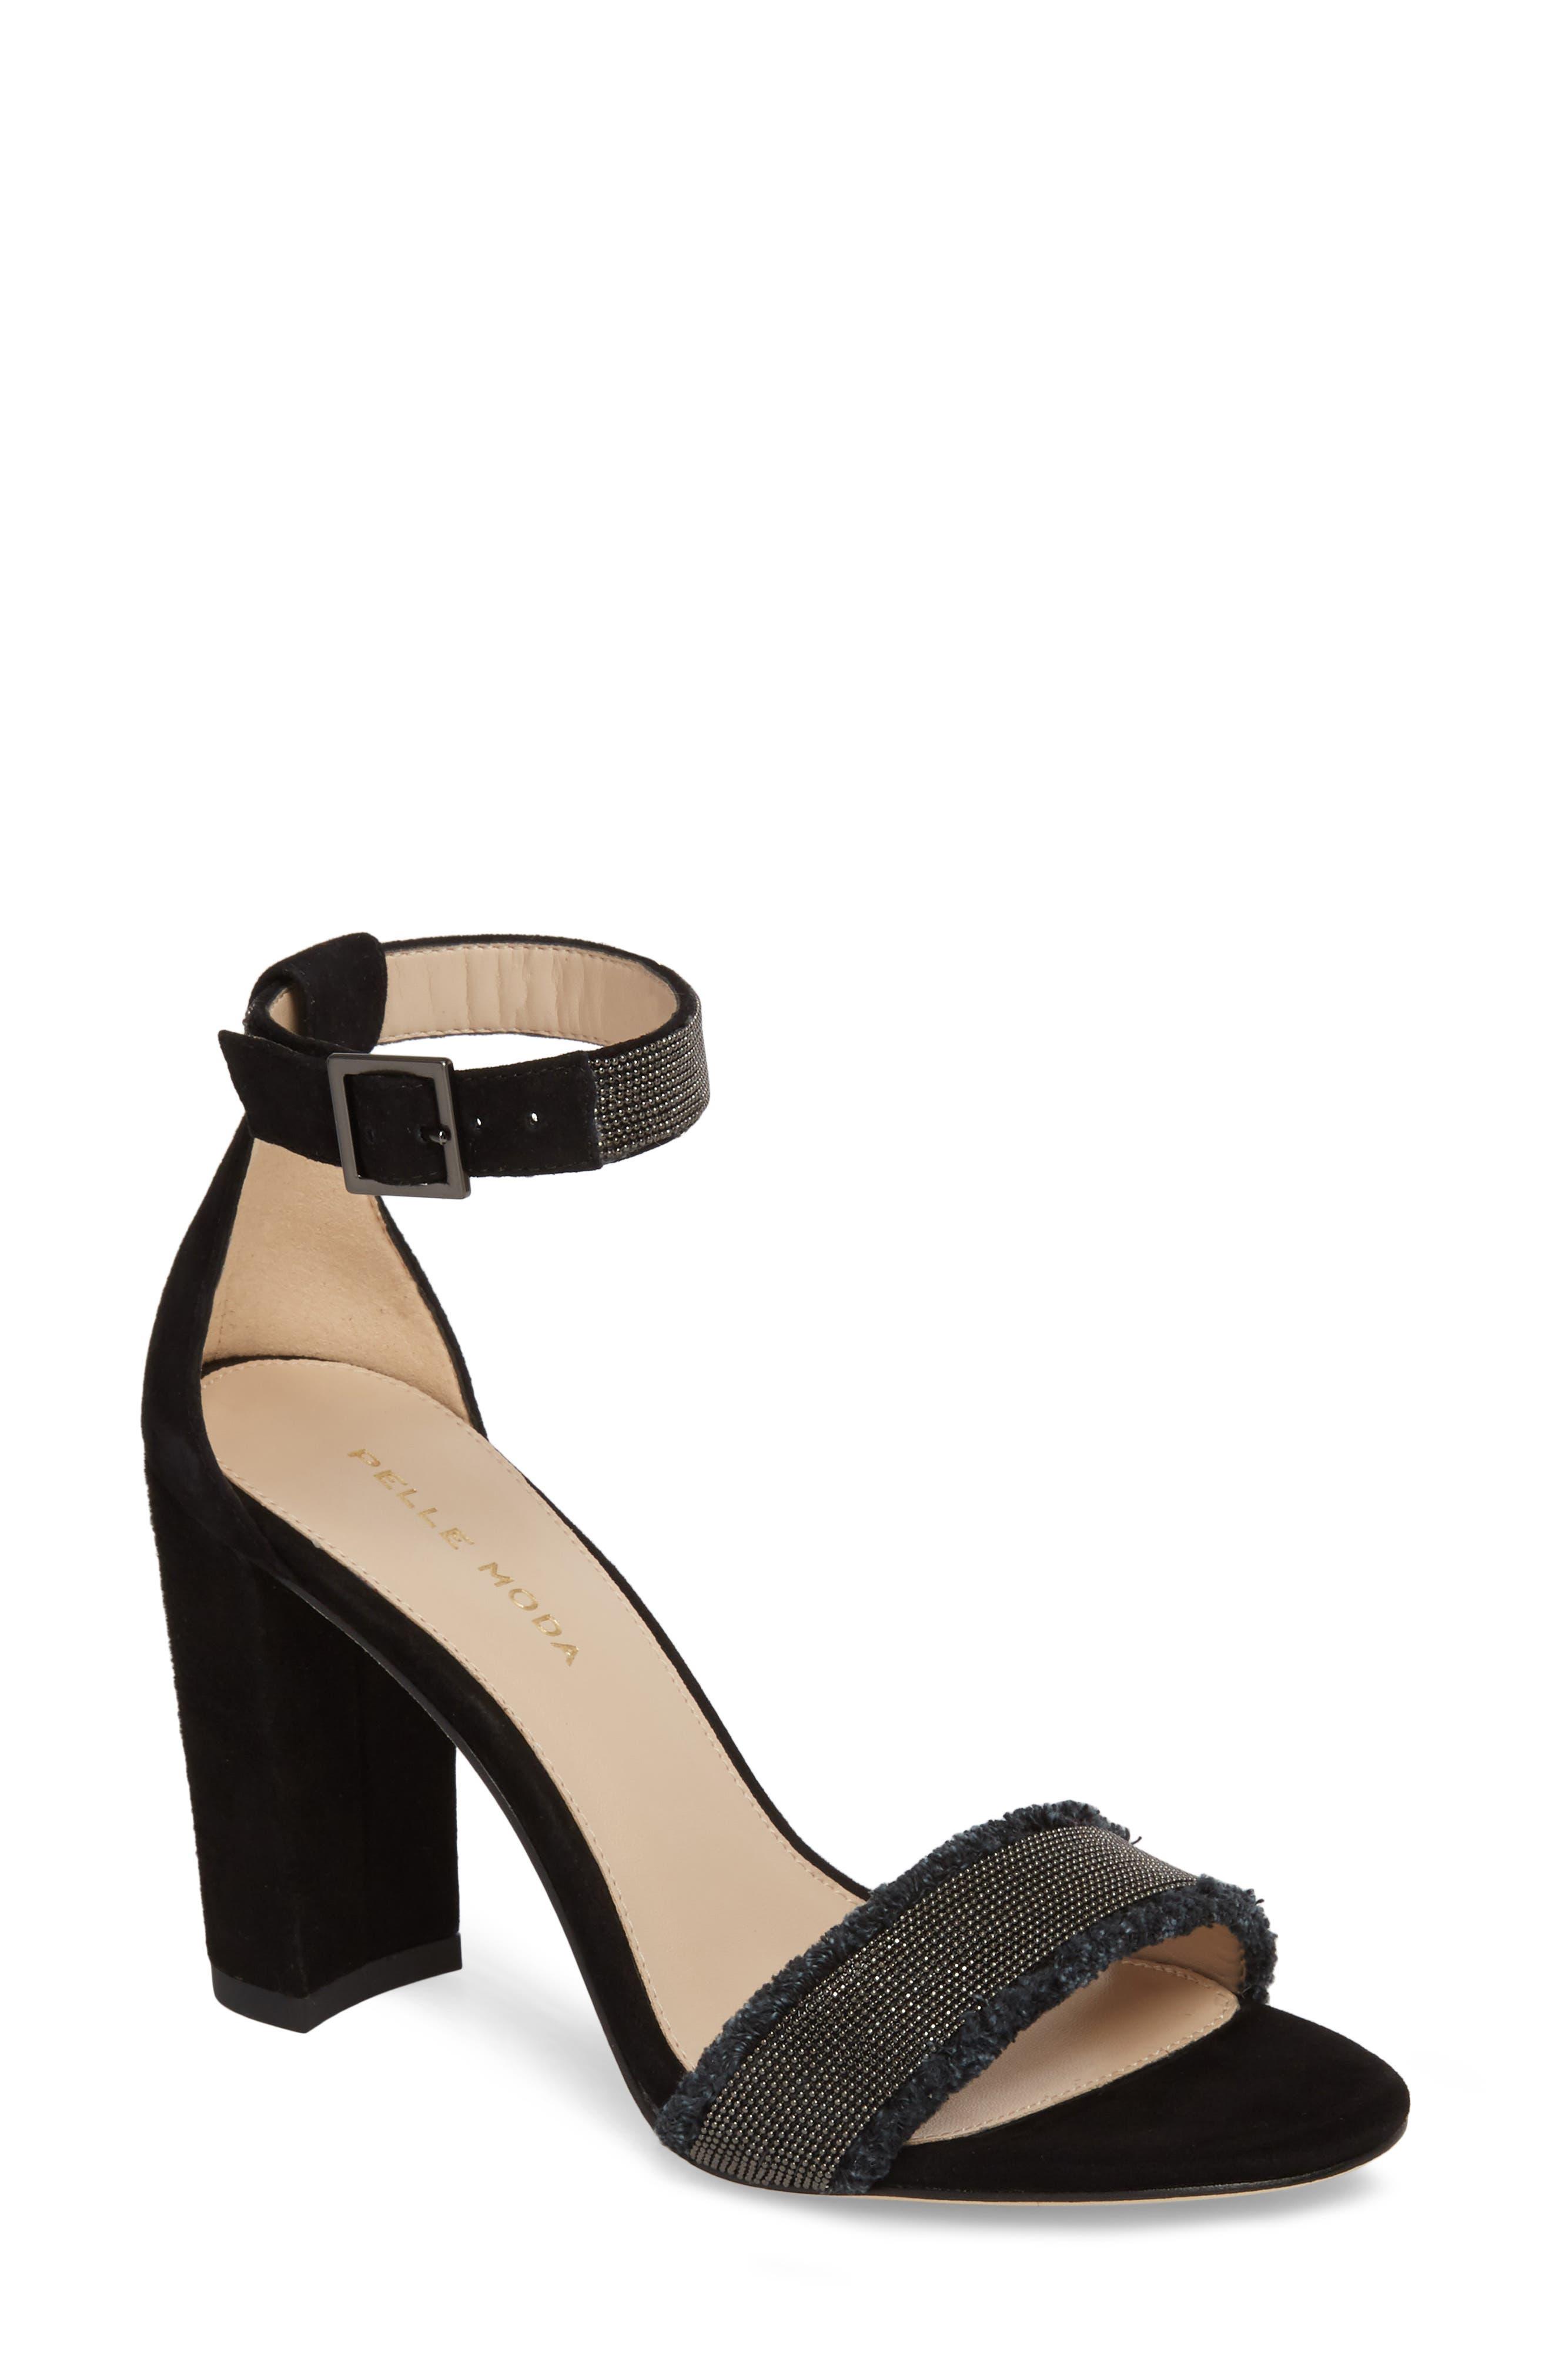 07d74cd5230f Pelle Moda Bonnie6 Embellished Sandal